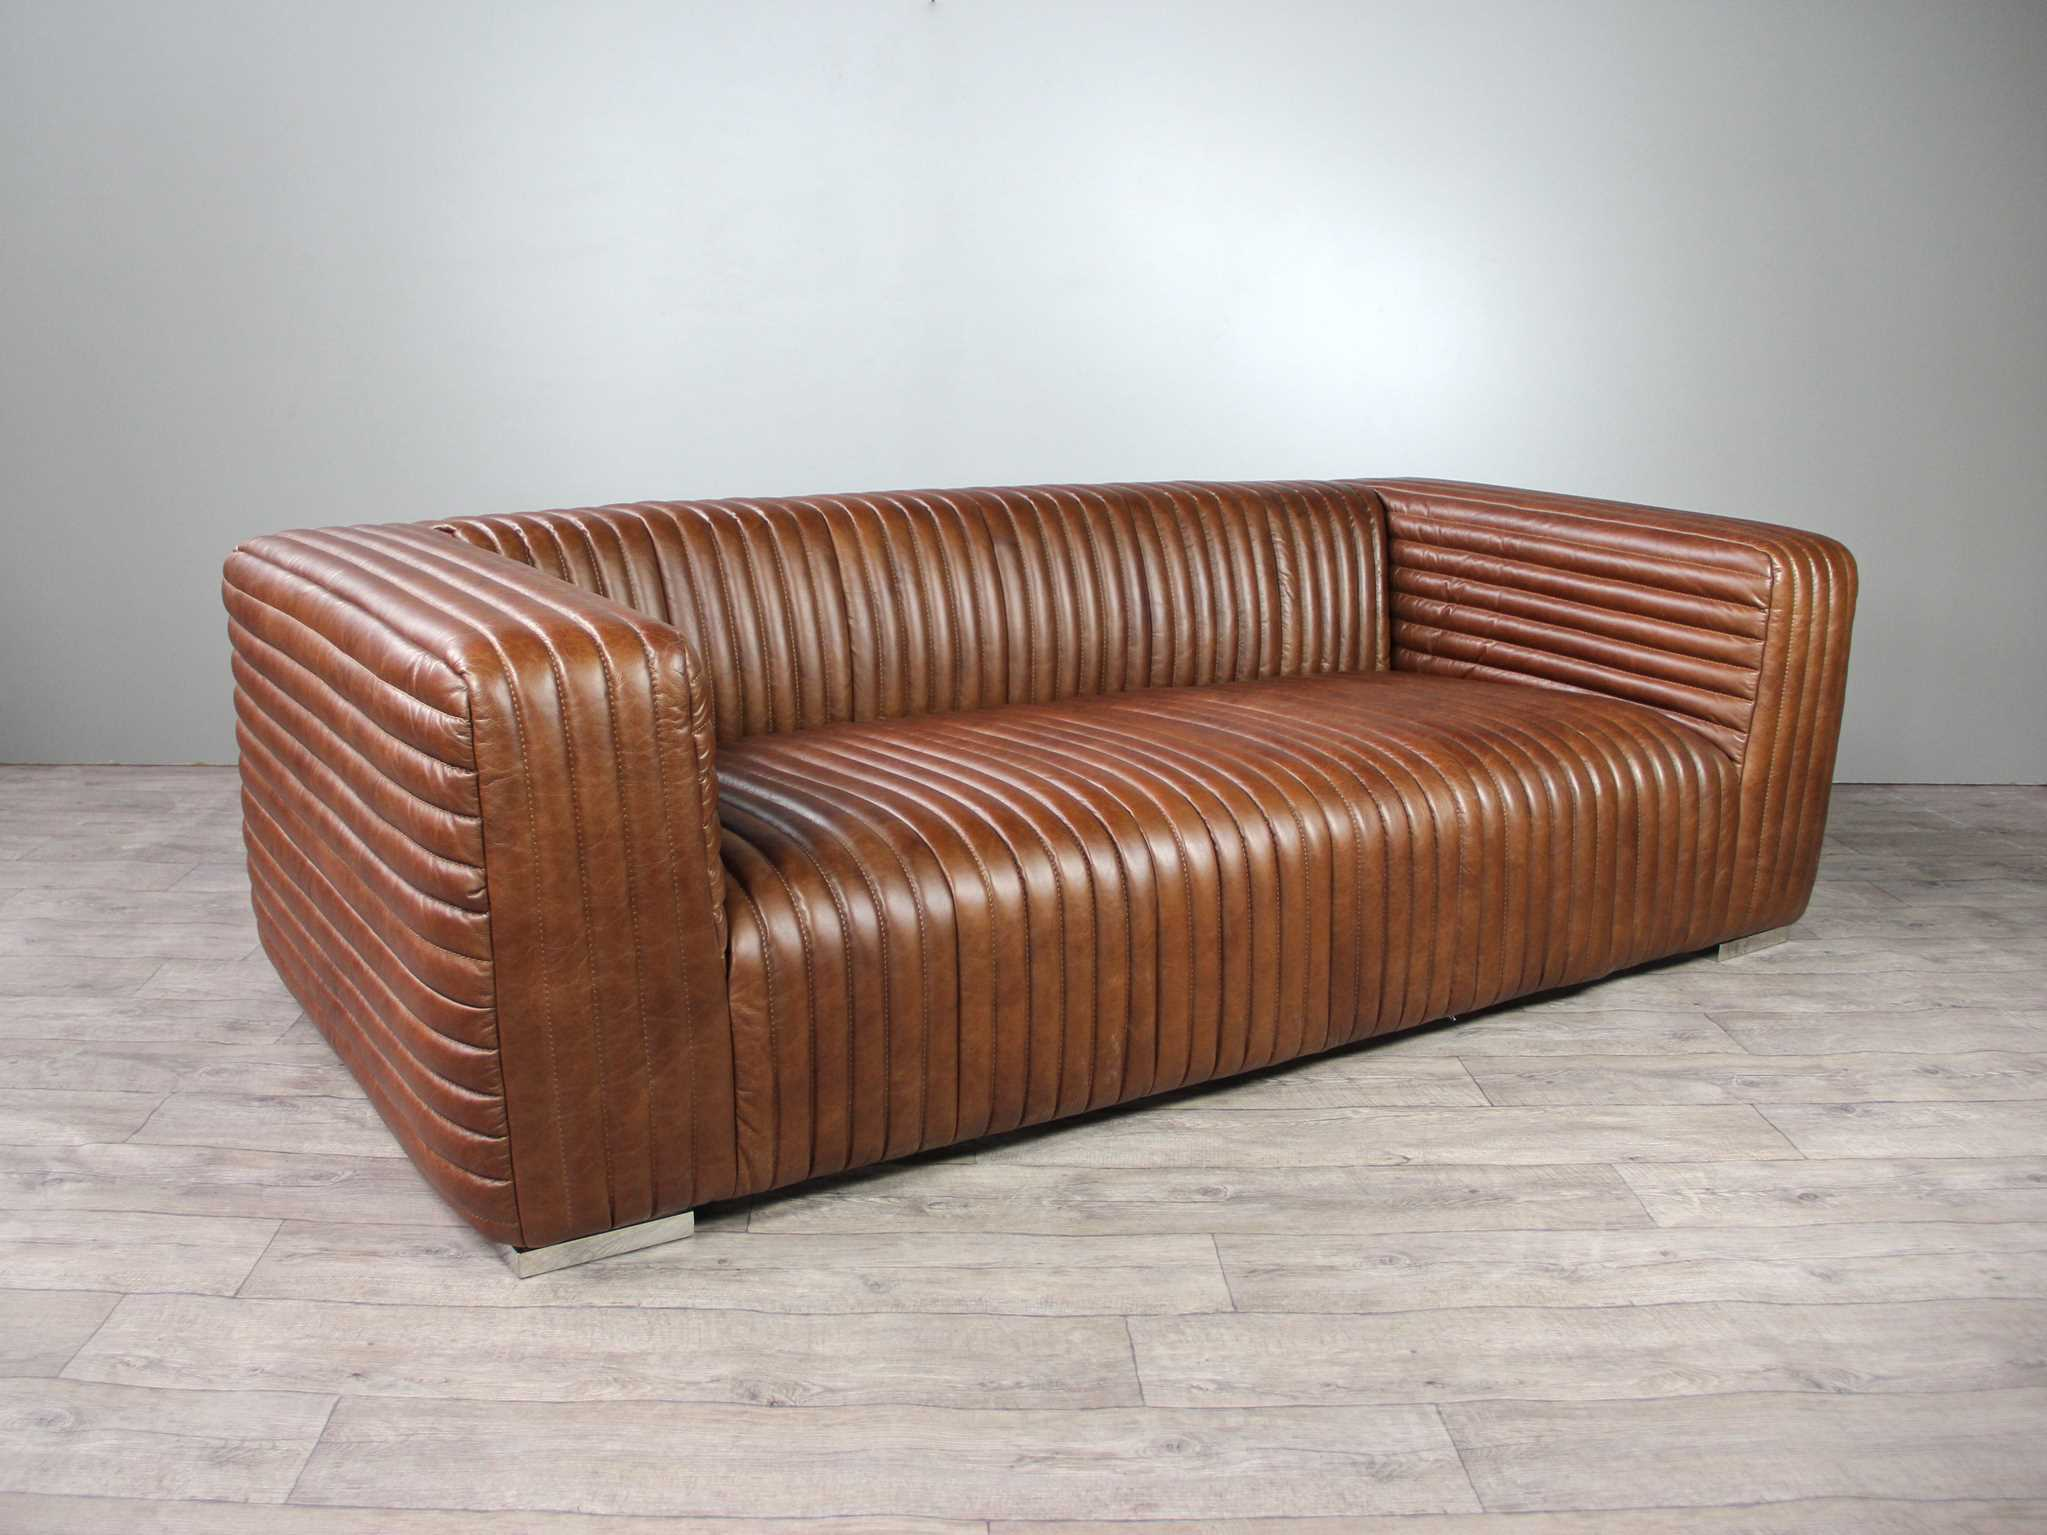 Canapé chesterfield cuir - Fauteuil Cuir. - Sofas & canapés dangle